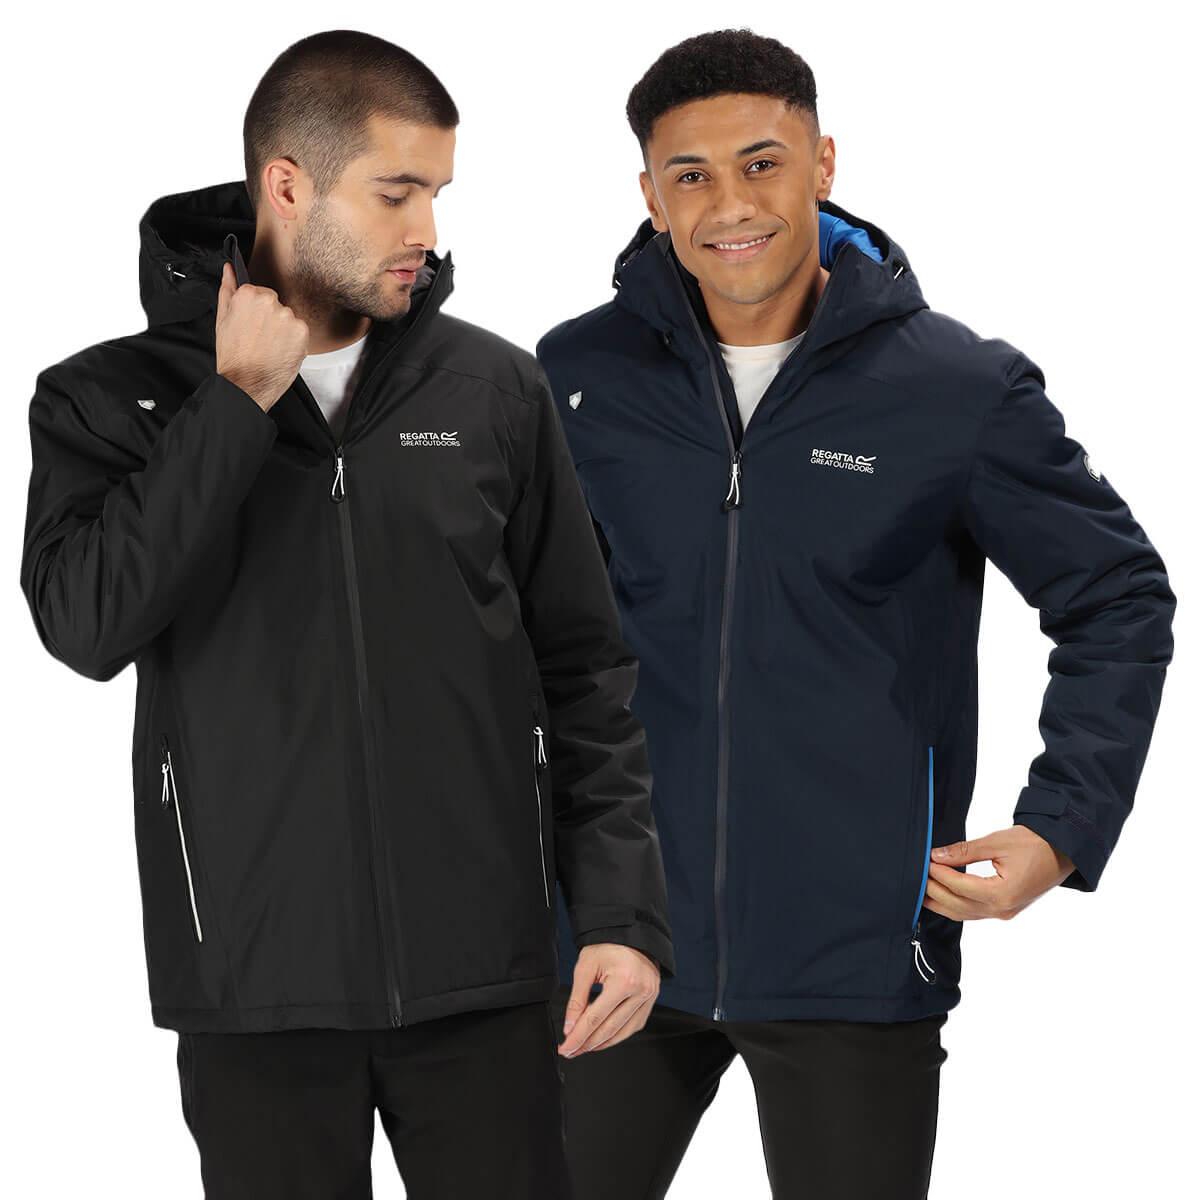 Regatta Pace II Lightweight Waterproof Jacket Mens Full Sleeves Zipped Hoodie